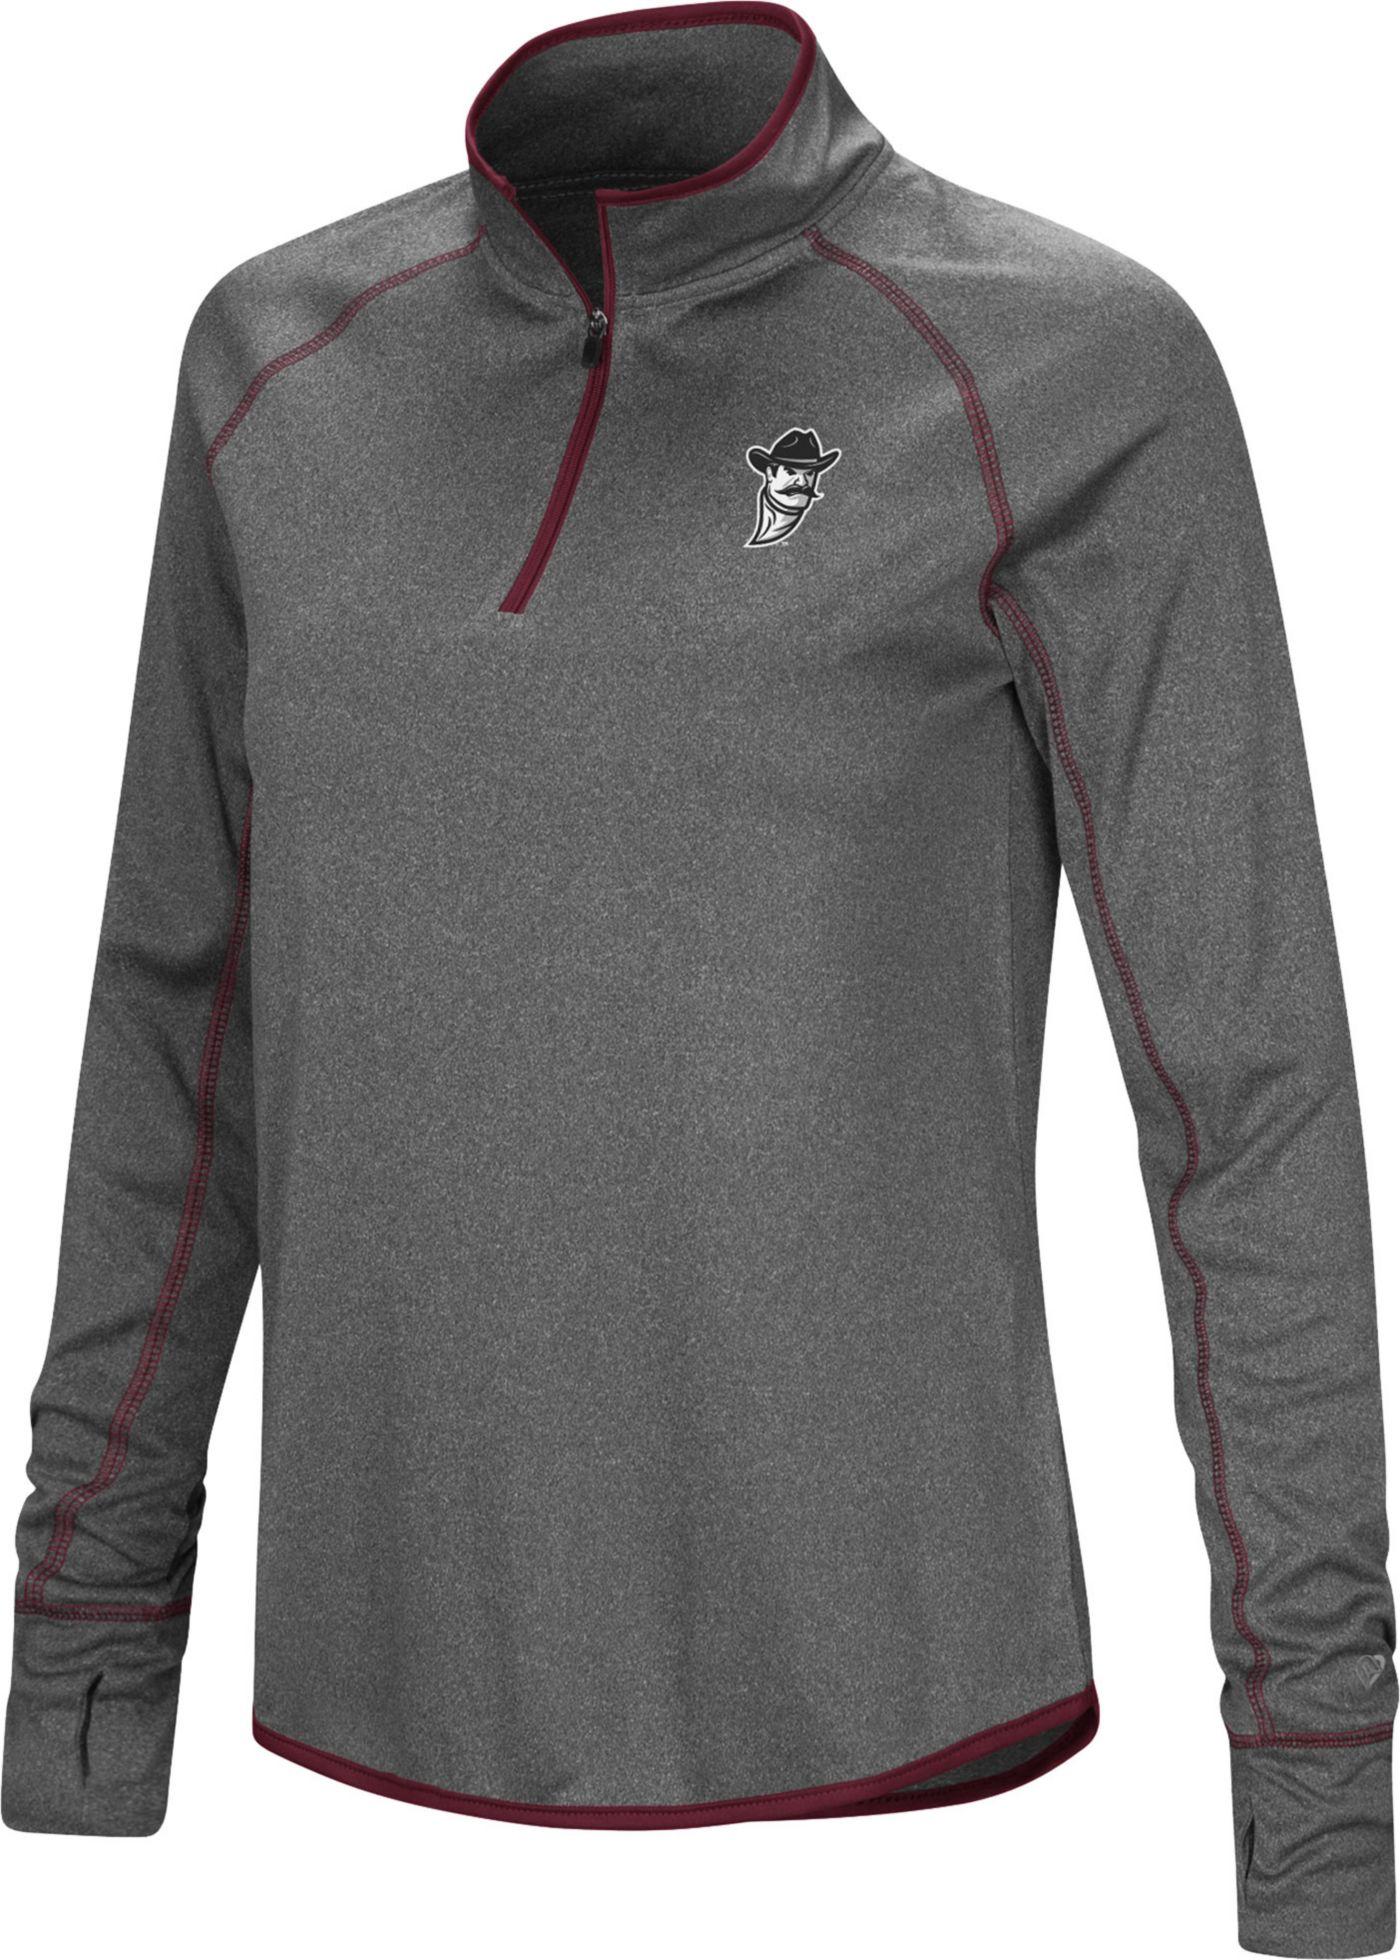 Colosseum Women's New Mexico State Aggies Grey Stingray Quarter-Zip Shirt